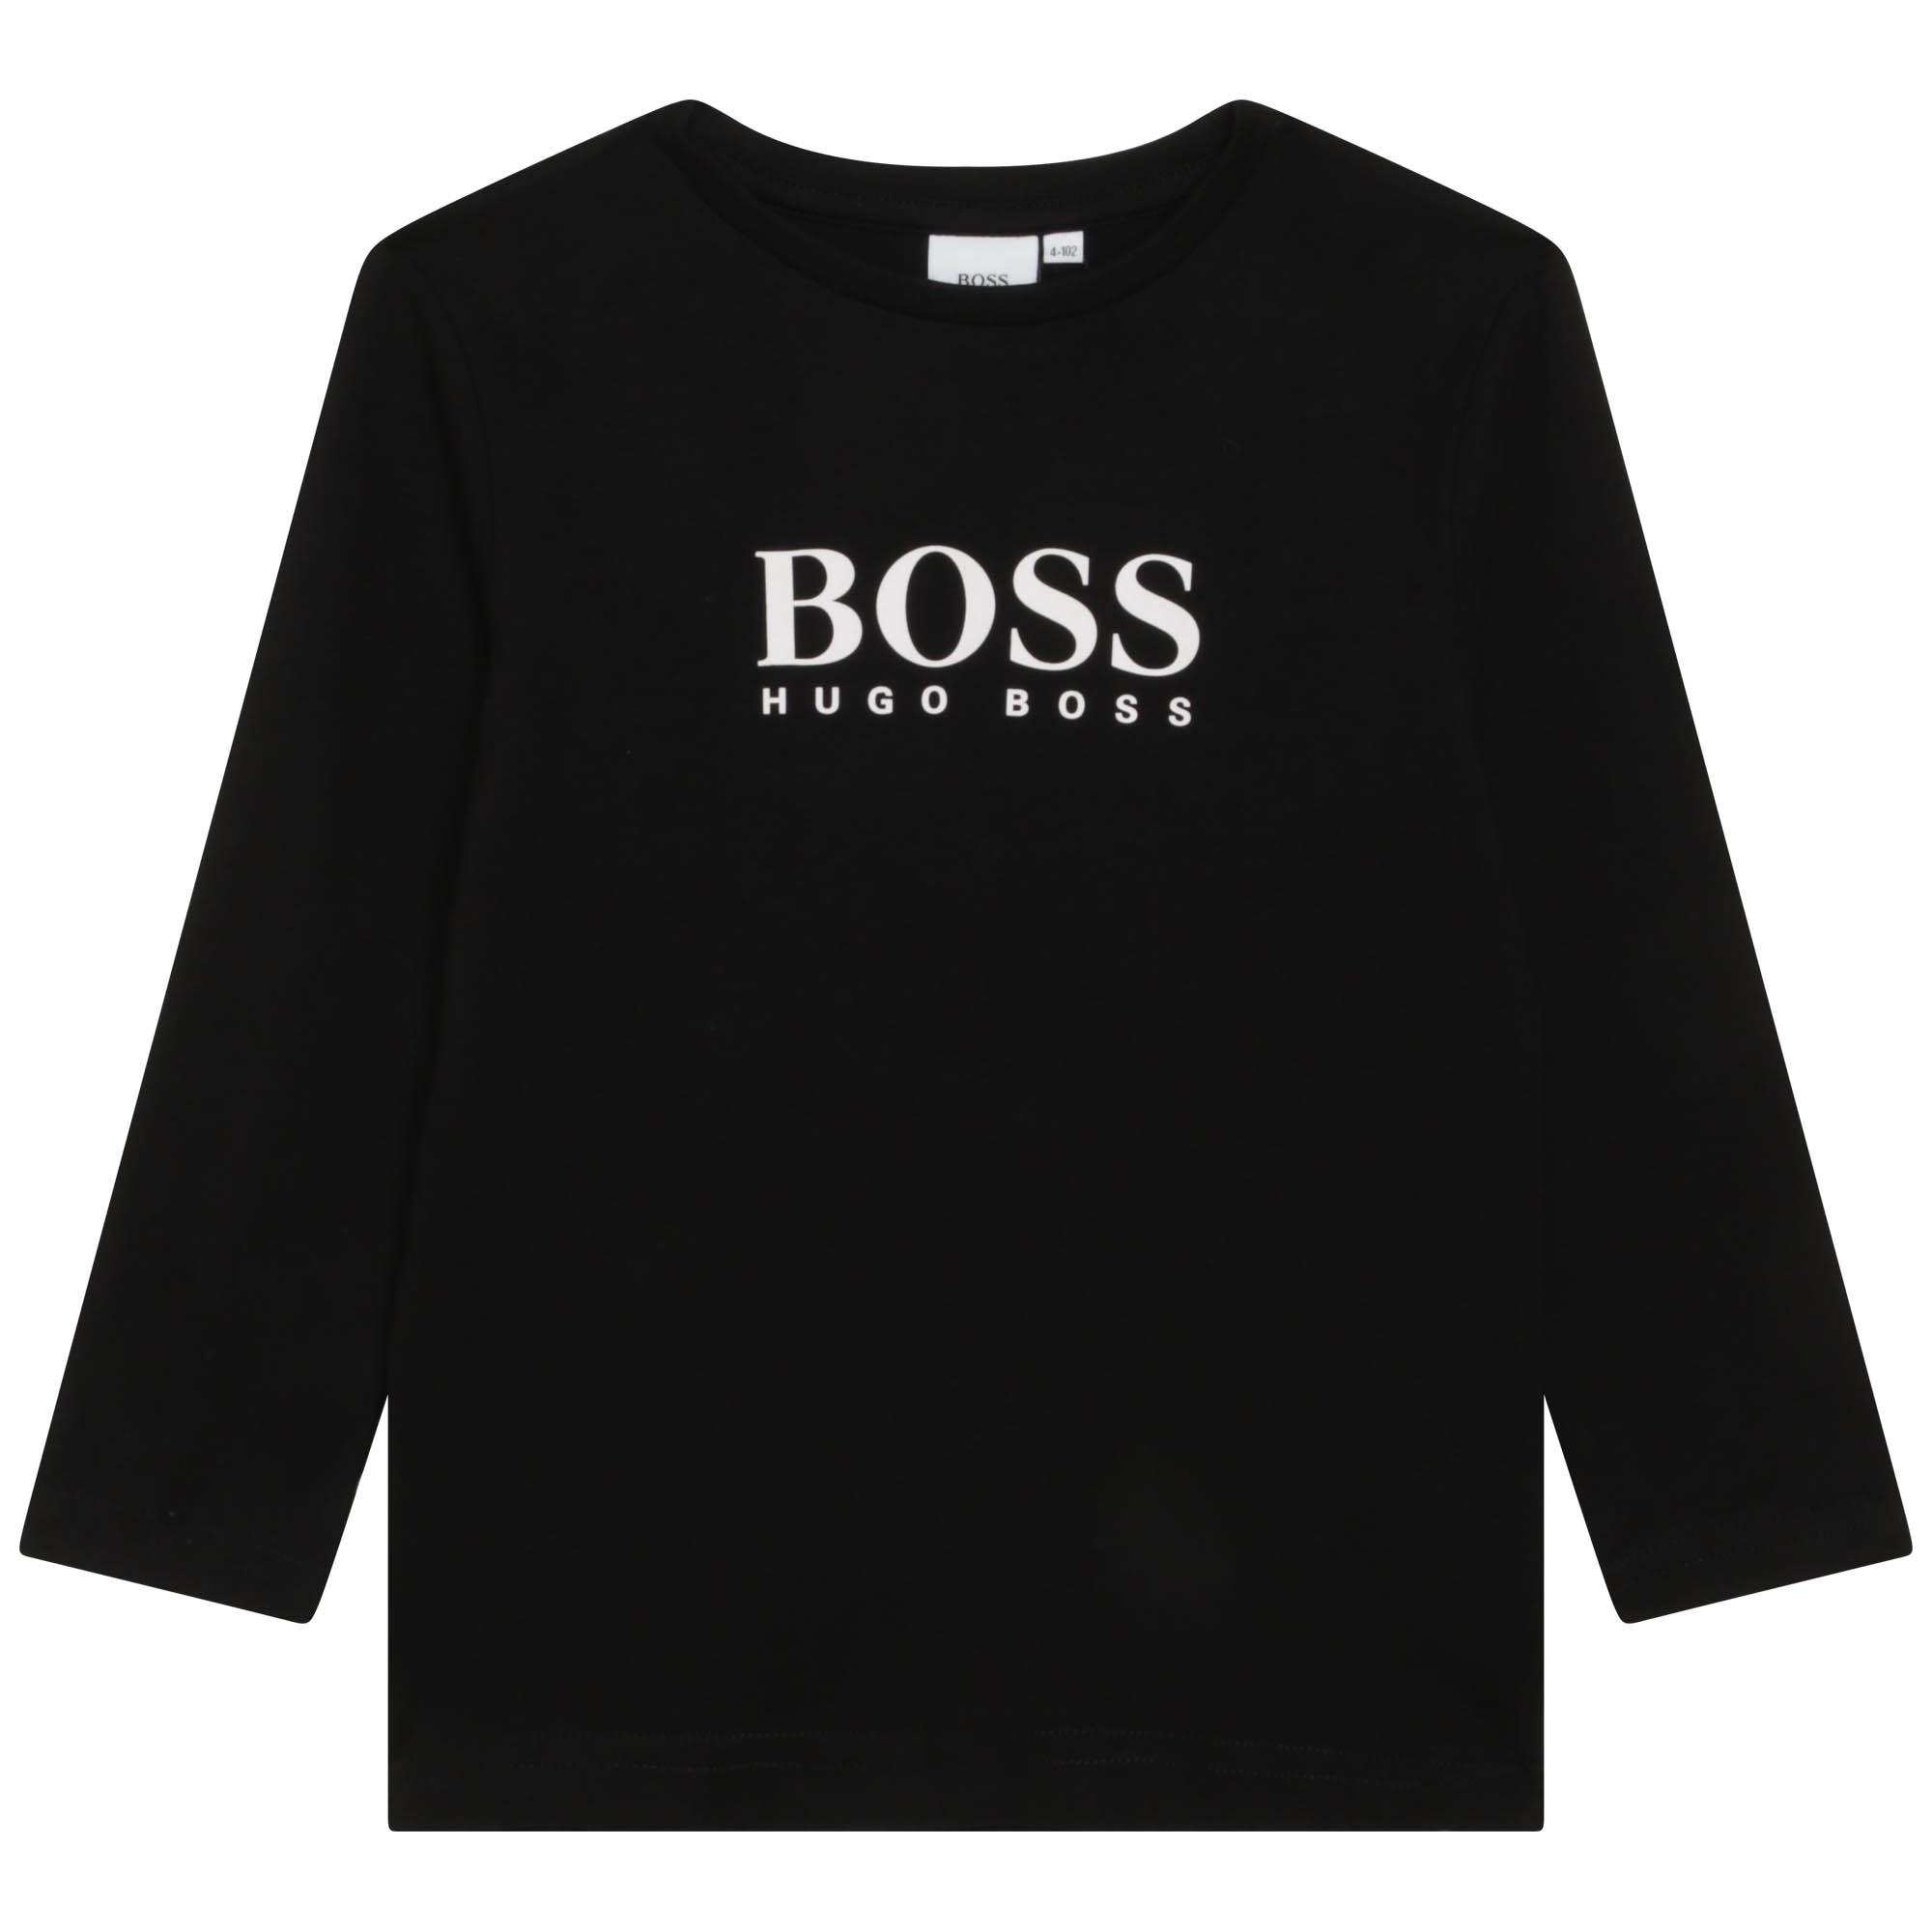 LONG SLEEVE T-SHIRT BOSS for BOY